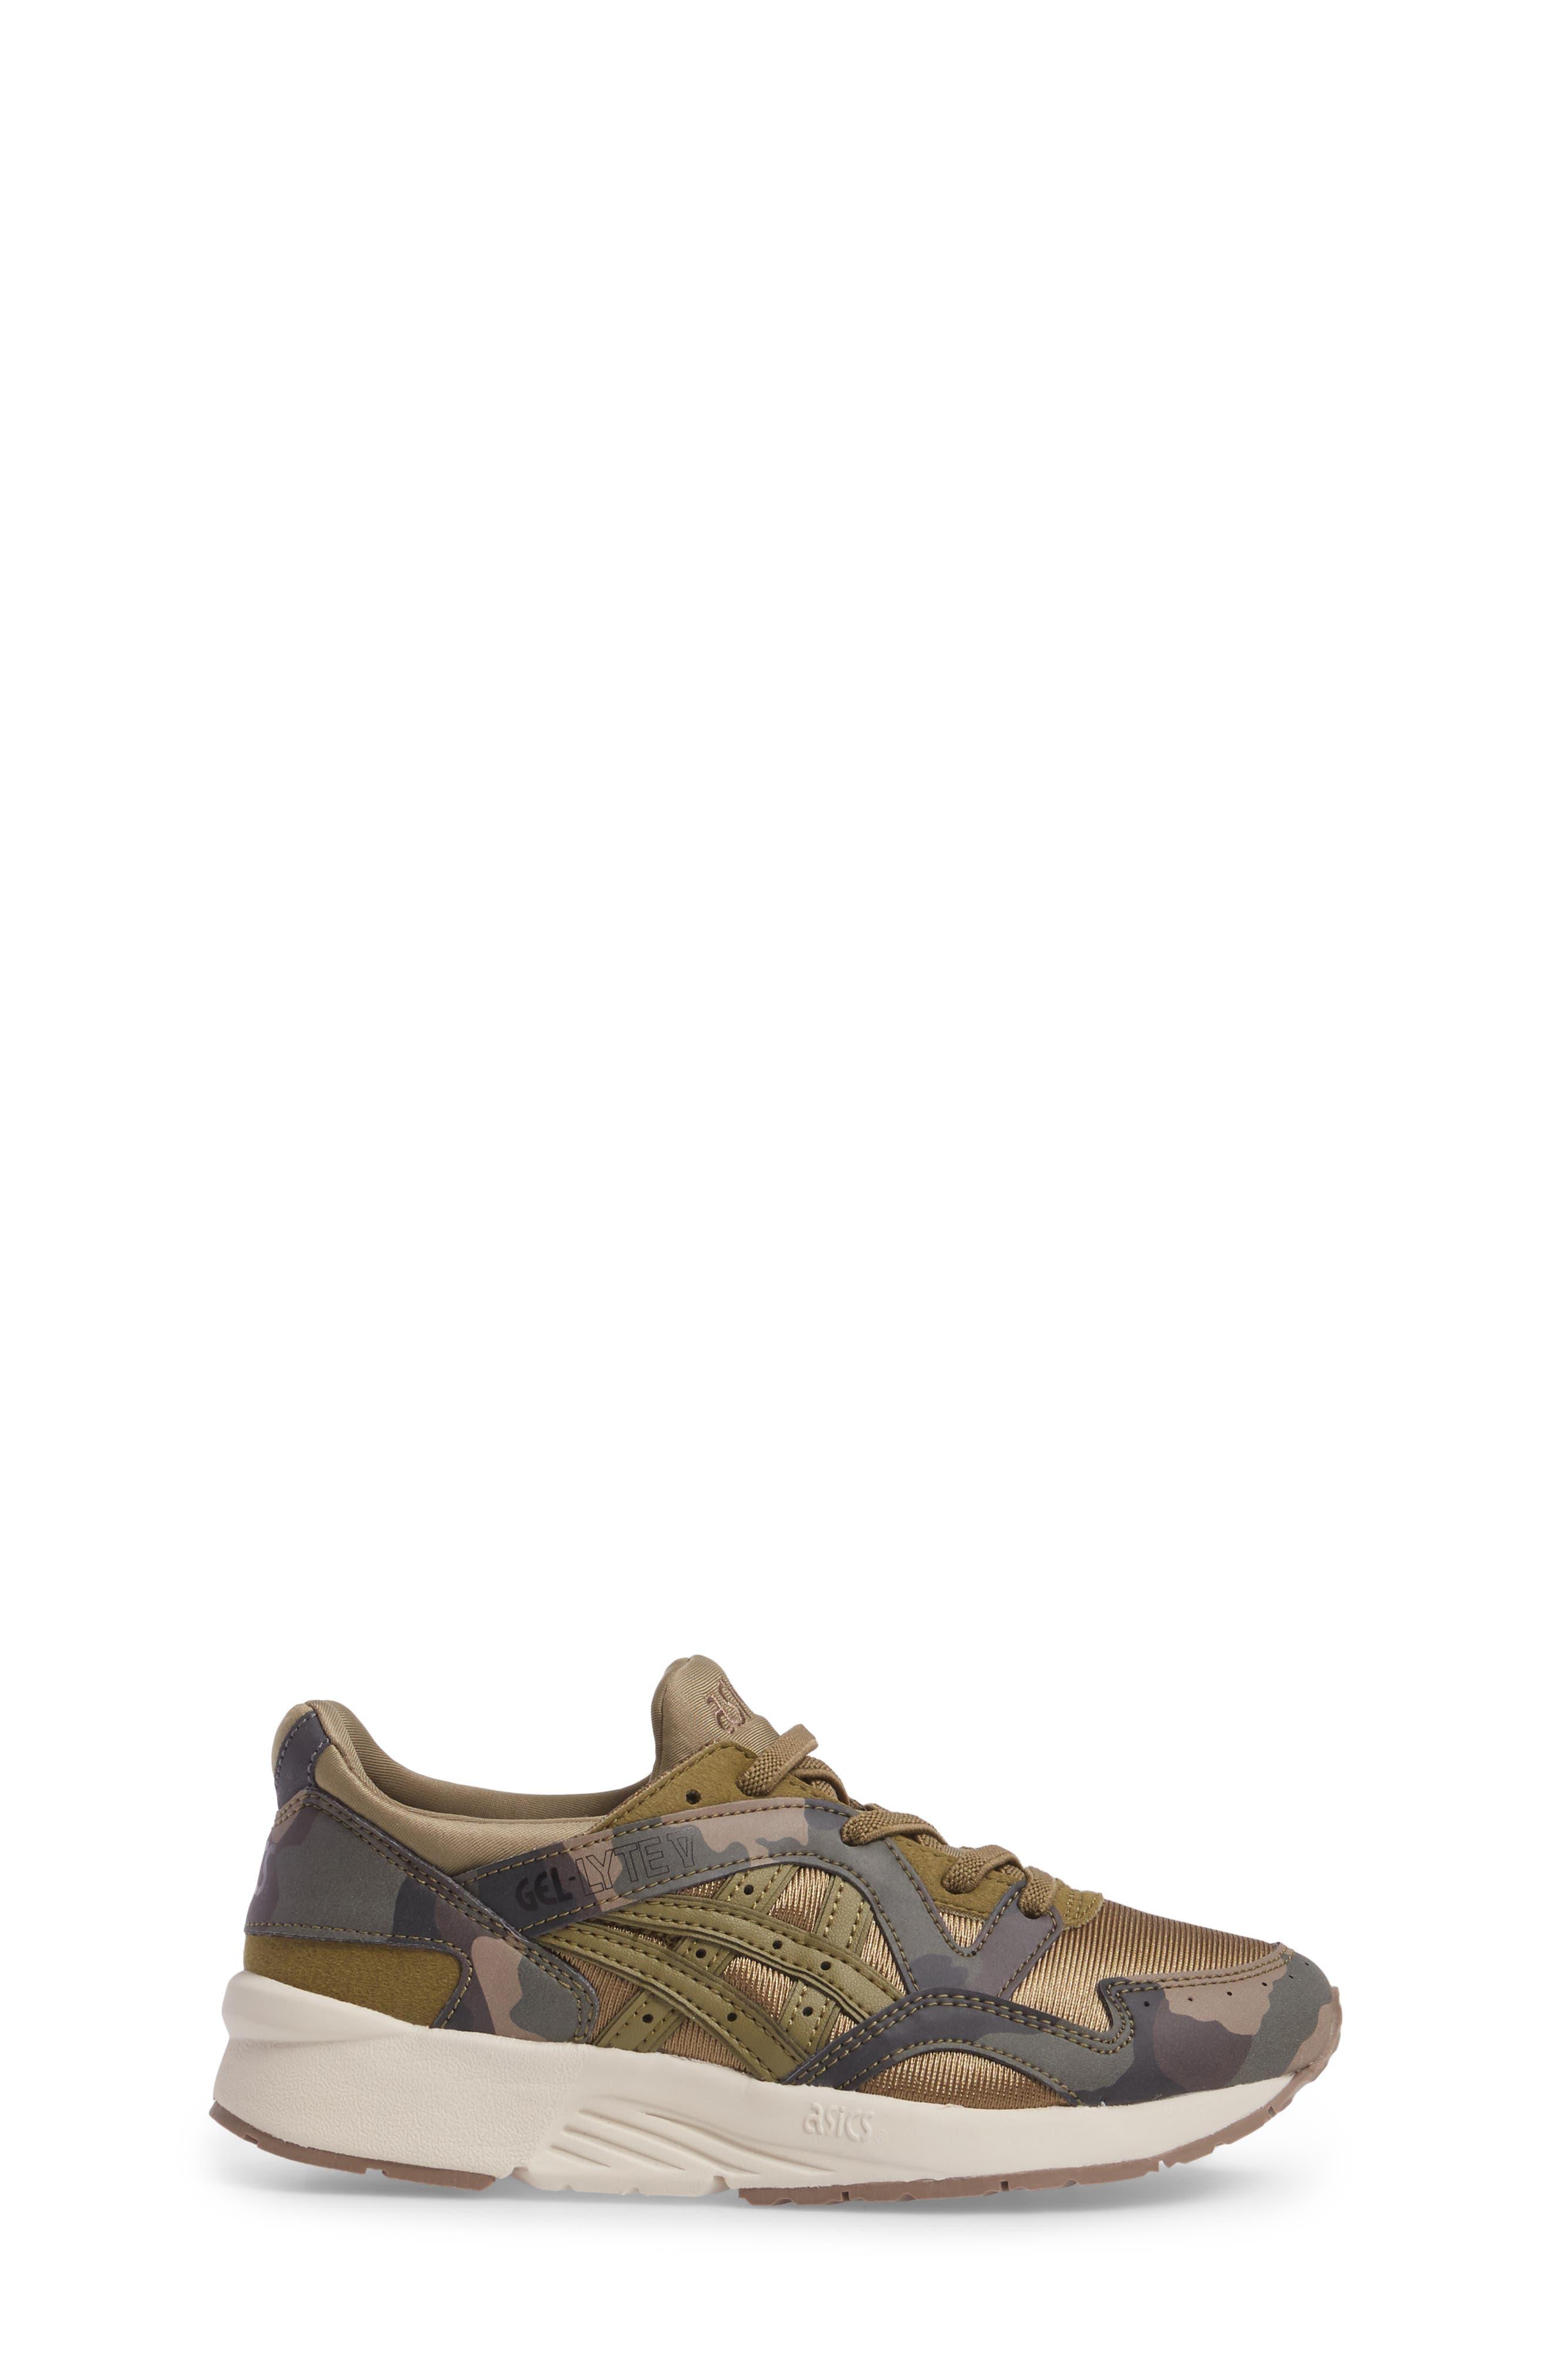 Alternate Image 3  - ASICS® GEL-LYTE® V PS Sneaker (Toddler & Little Kid)